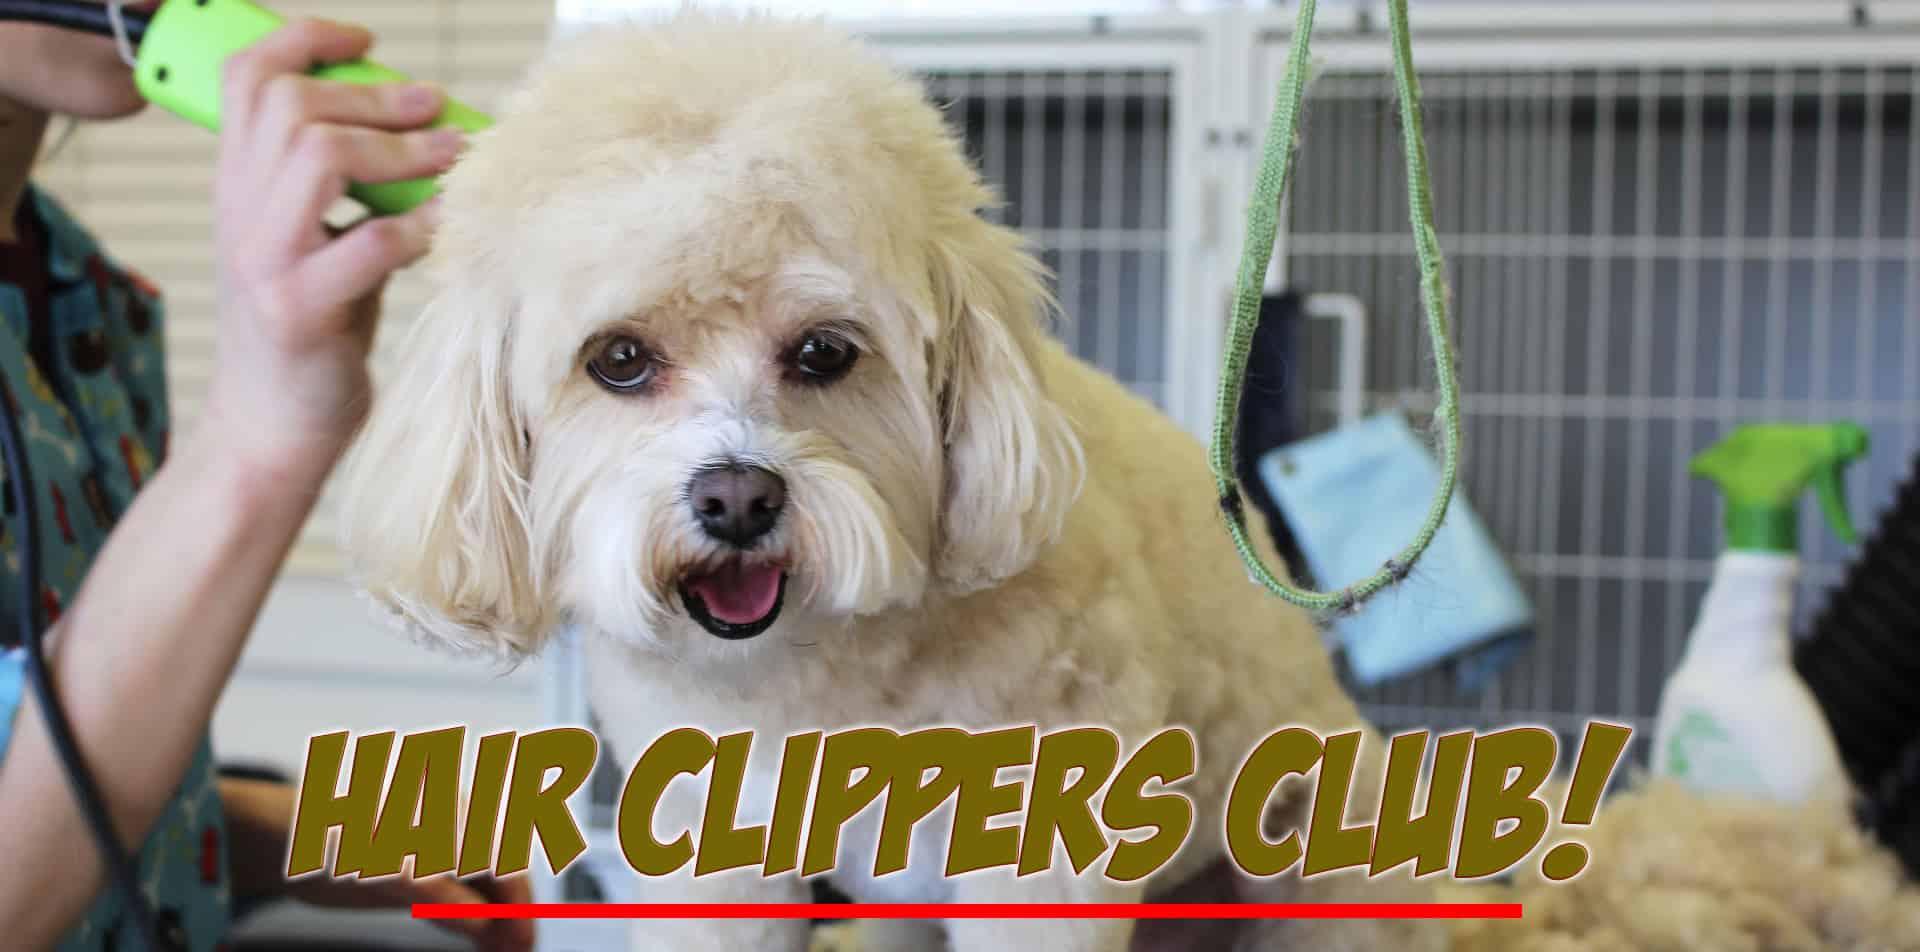 Hair Clippers Club